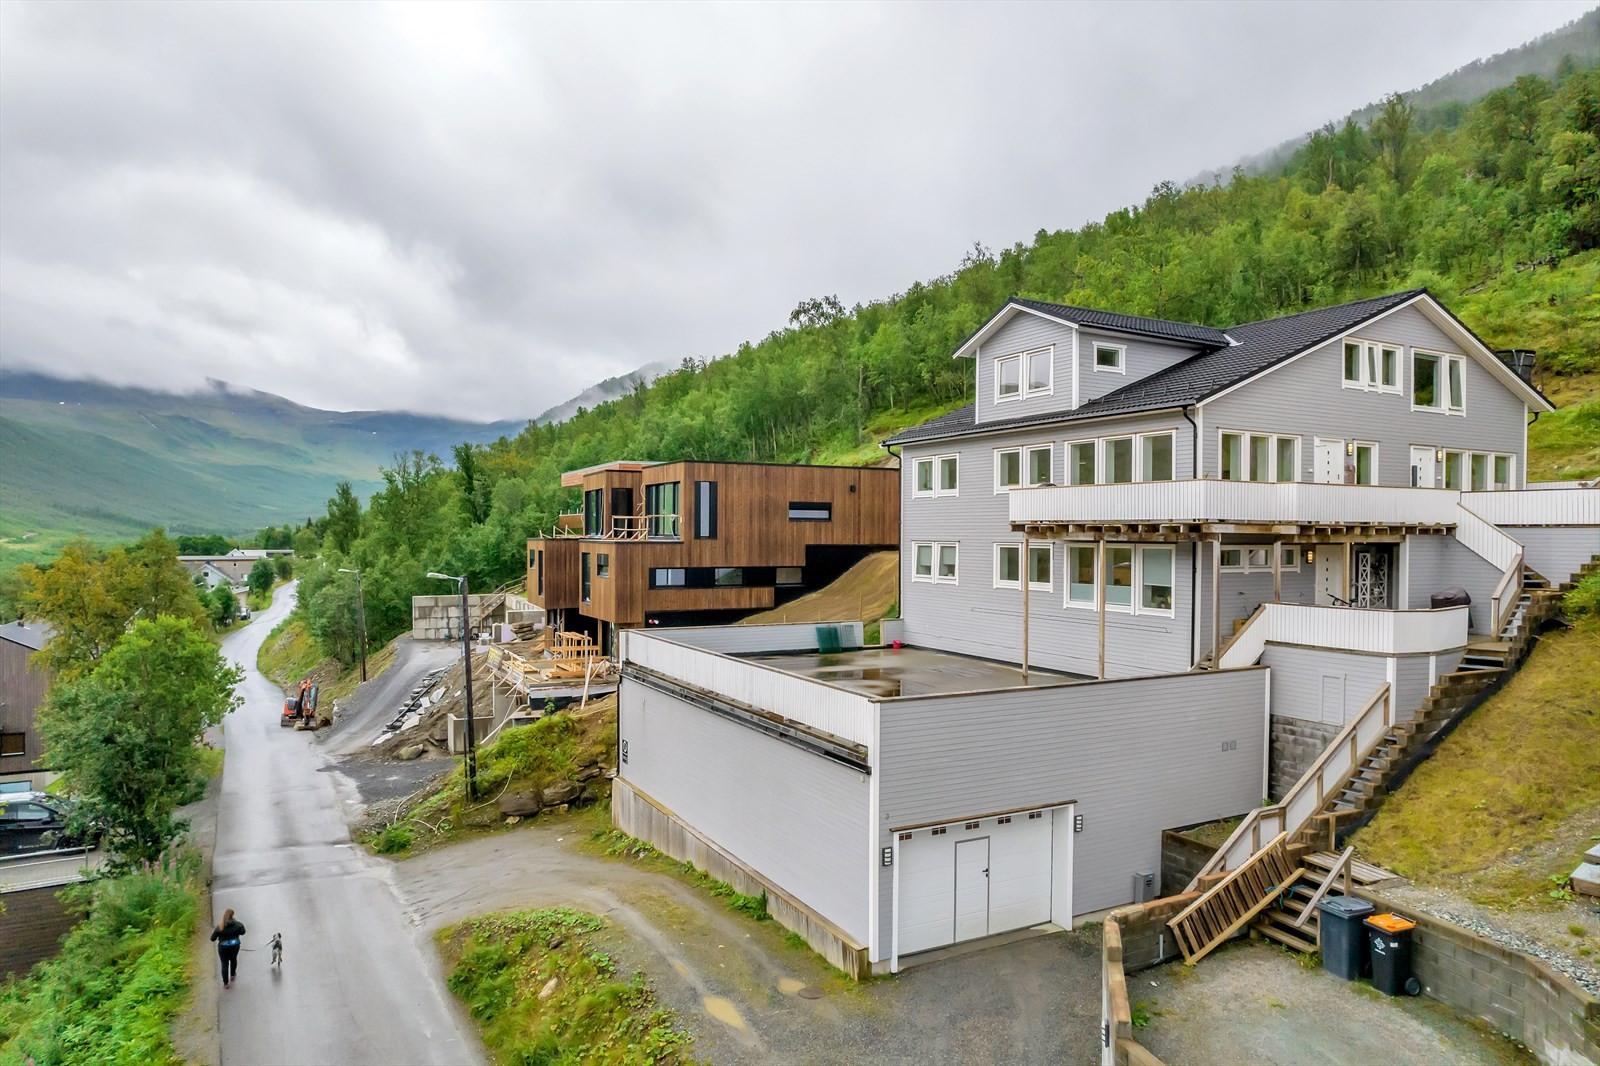 Leiligheten ligger i nyere boligbygg fra 2013